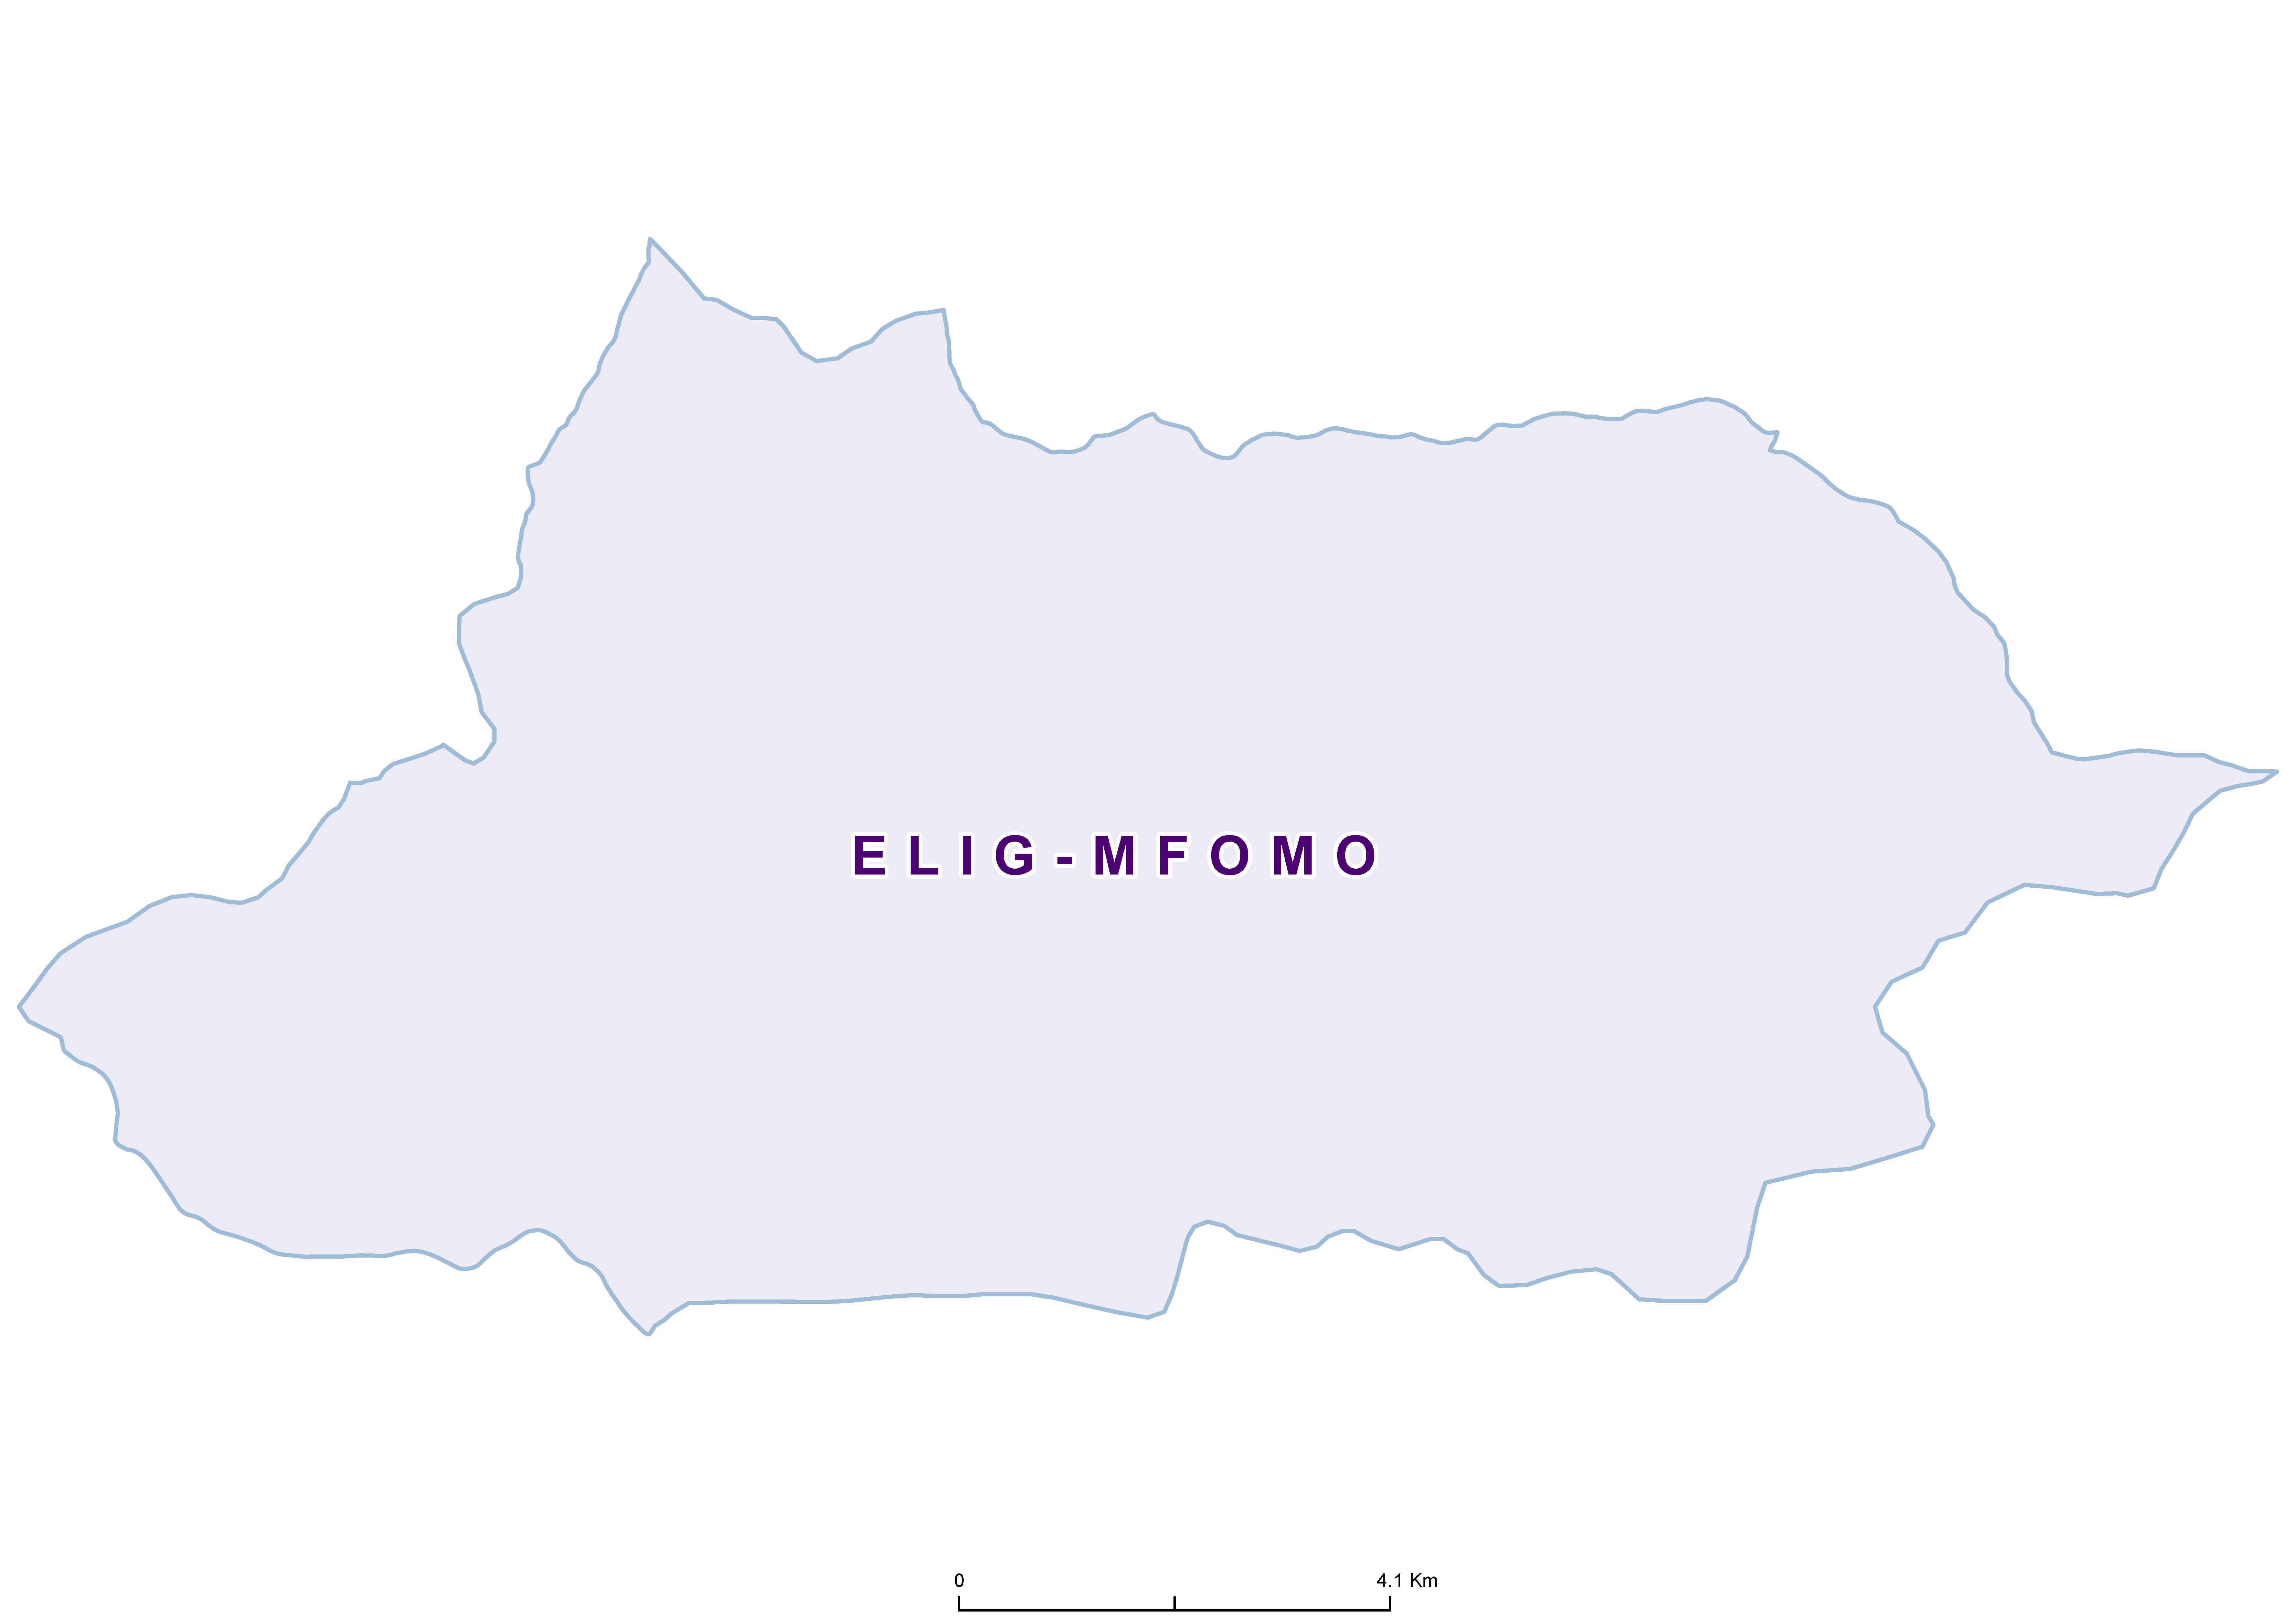 Elig-mfomo Max STH 19850001